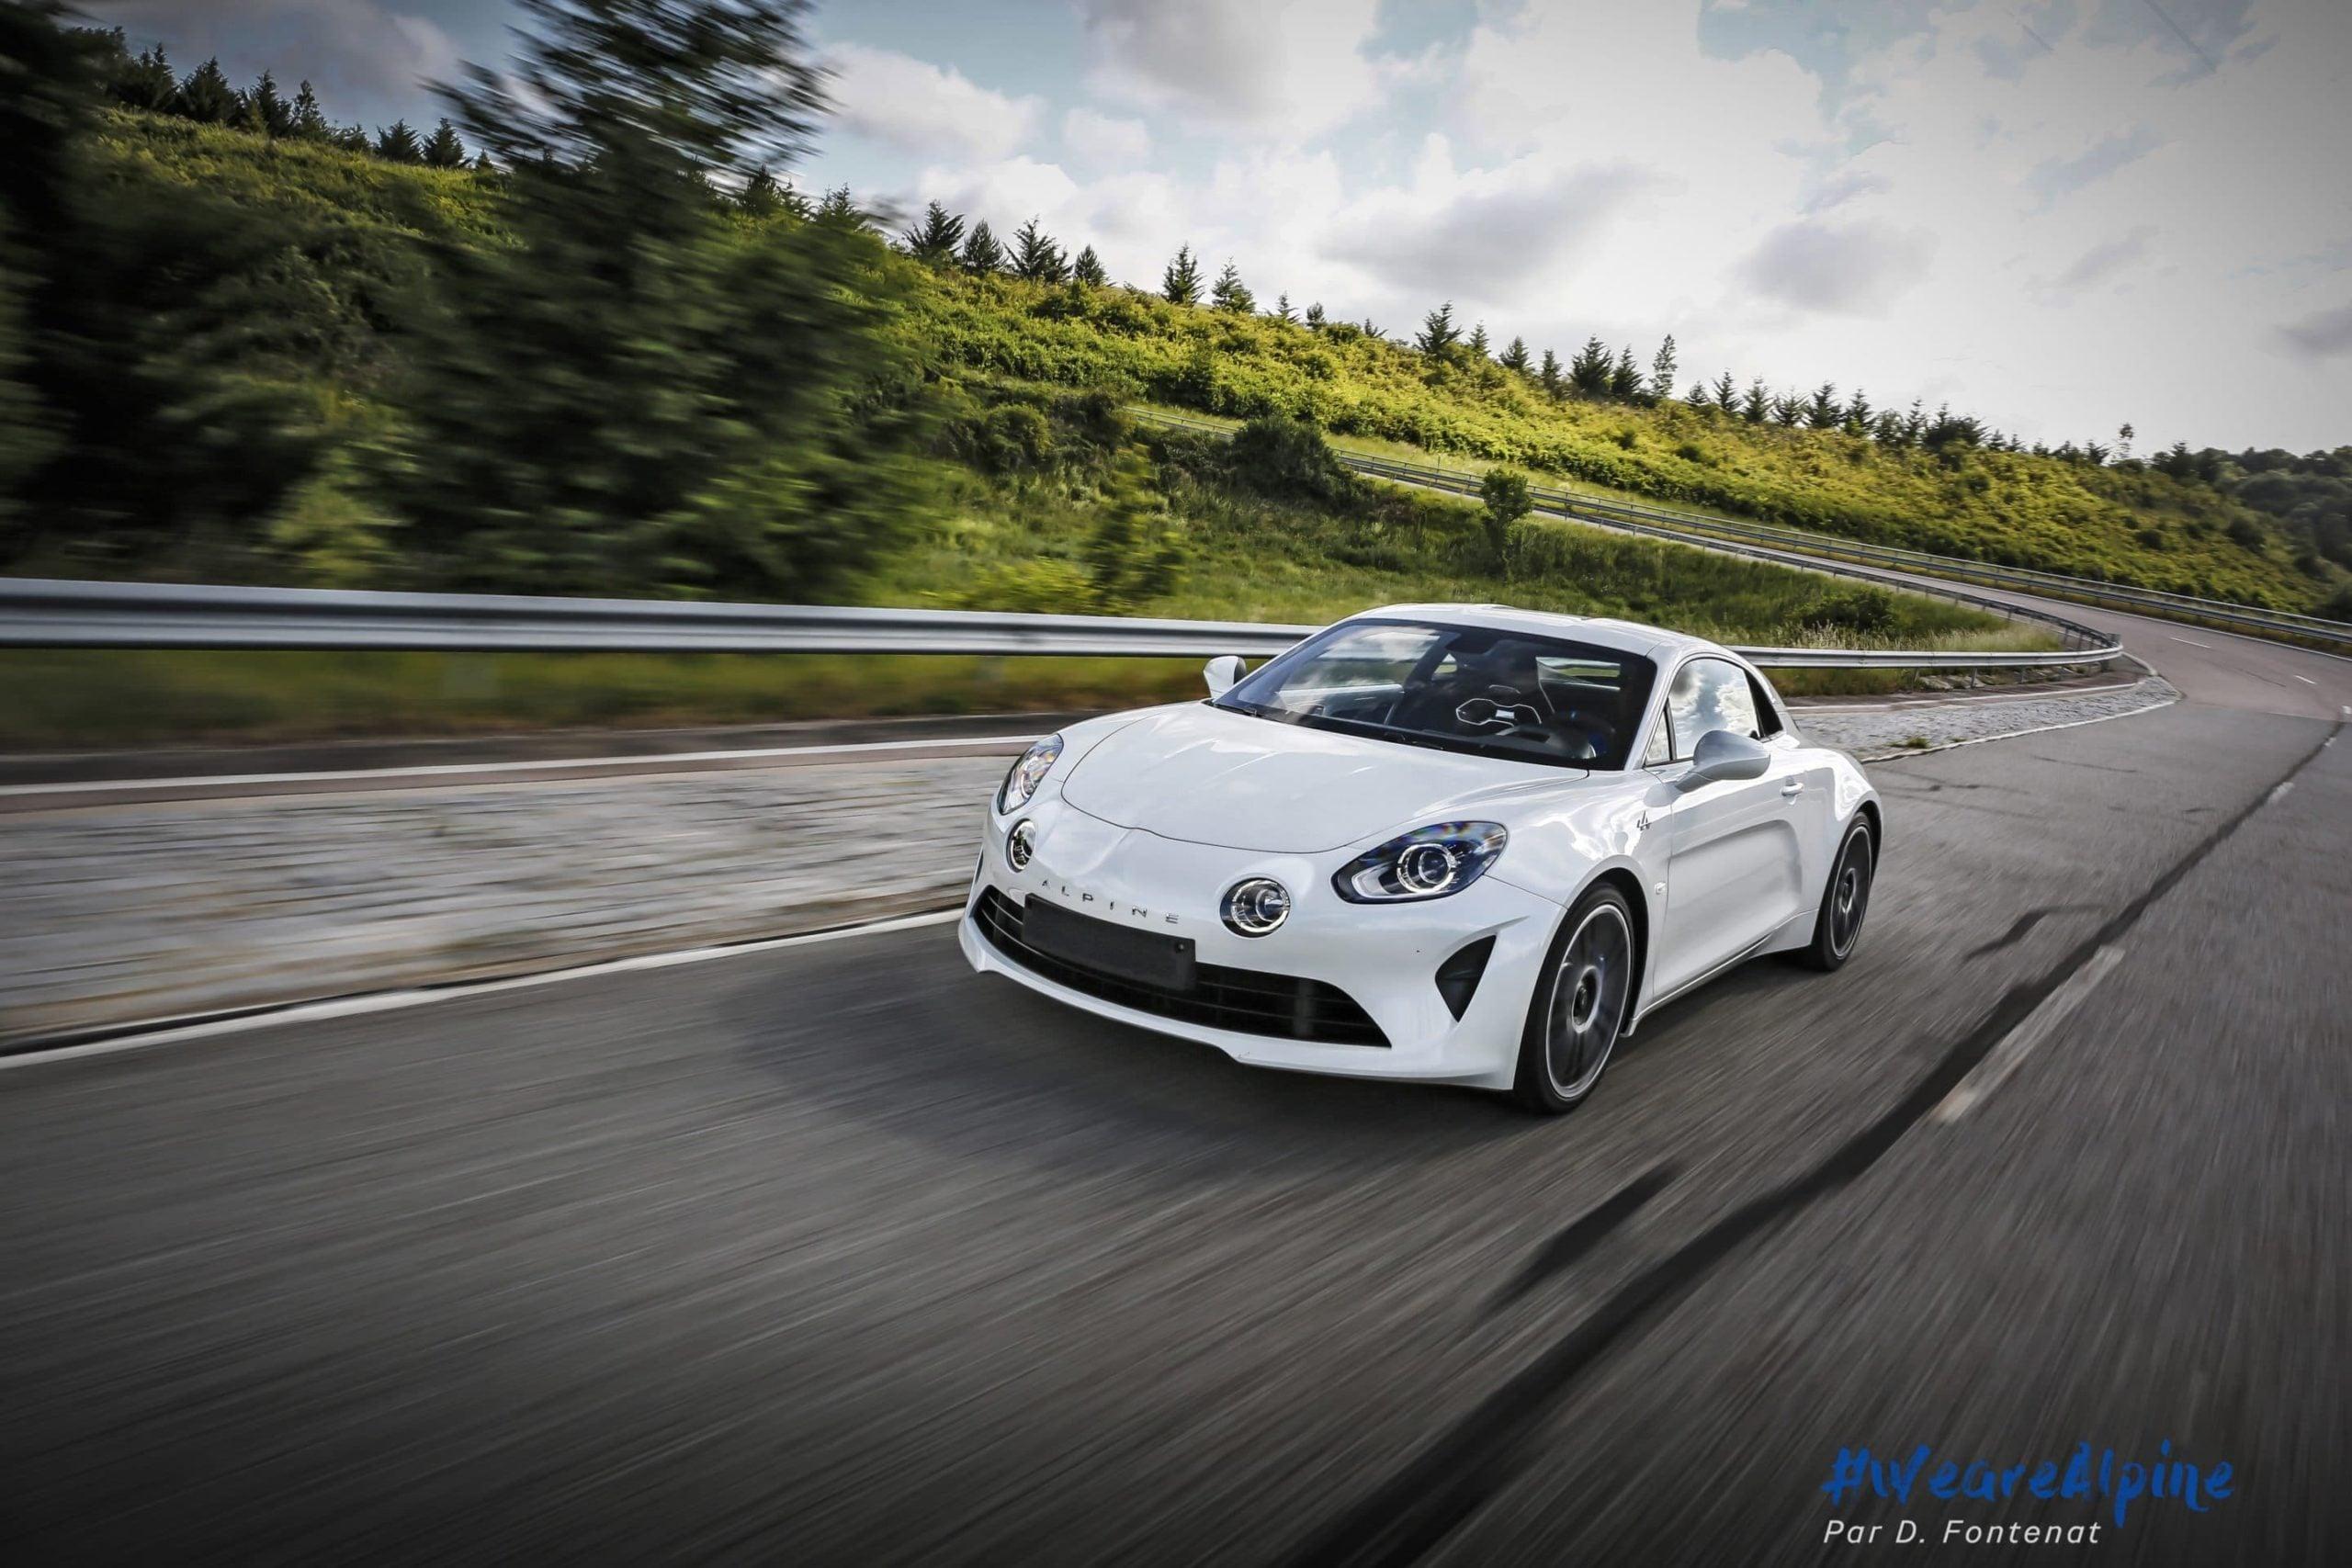 DF18717©D.Fontenat scaled | Essai vidéo de la nouvelle Alpine A110 sur circuit en exclusivité mondiale !